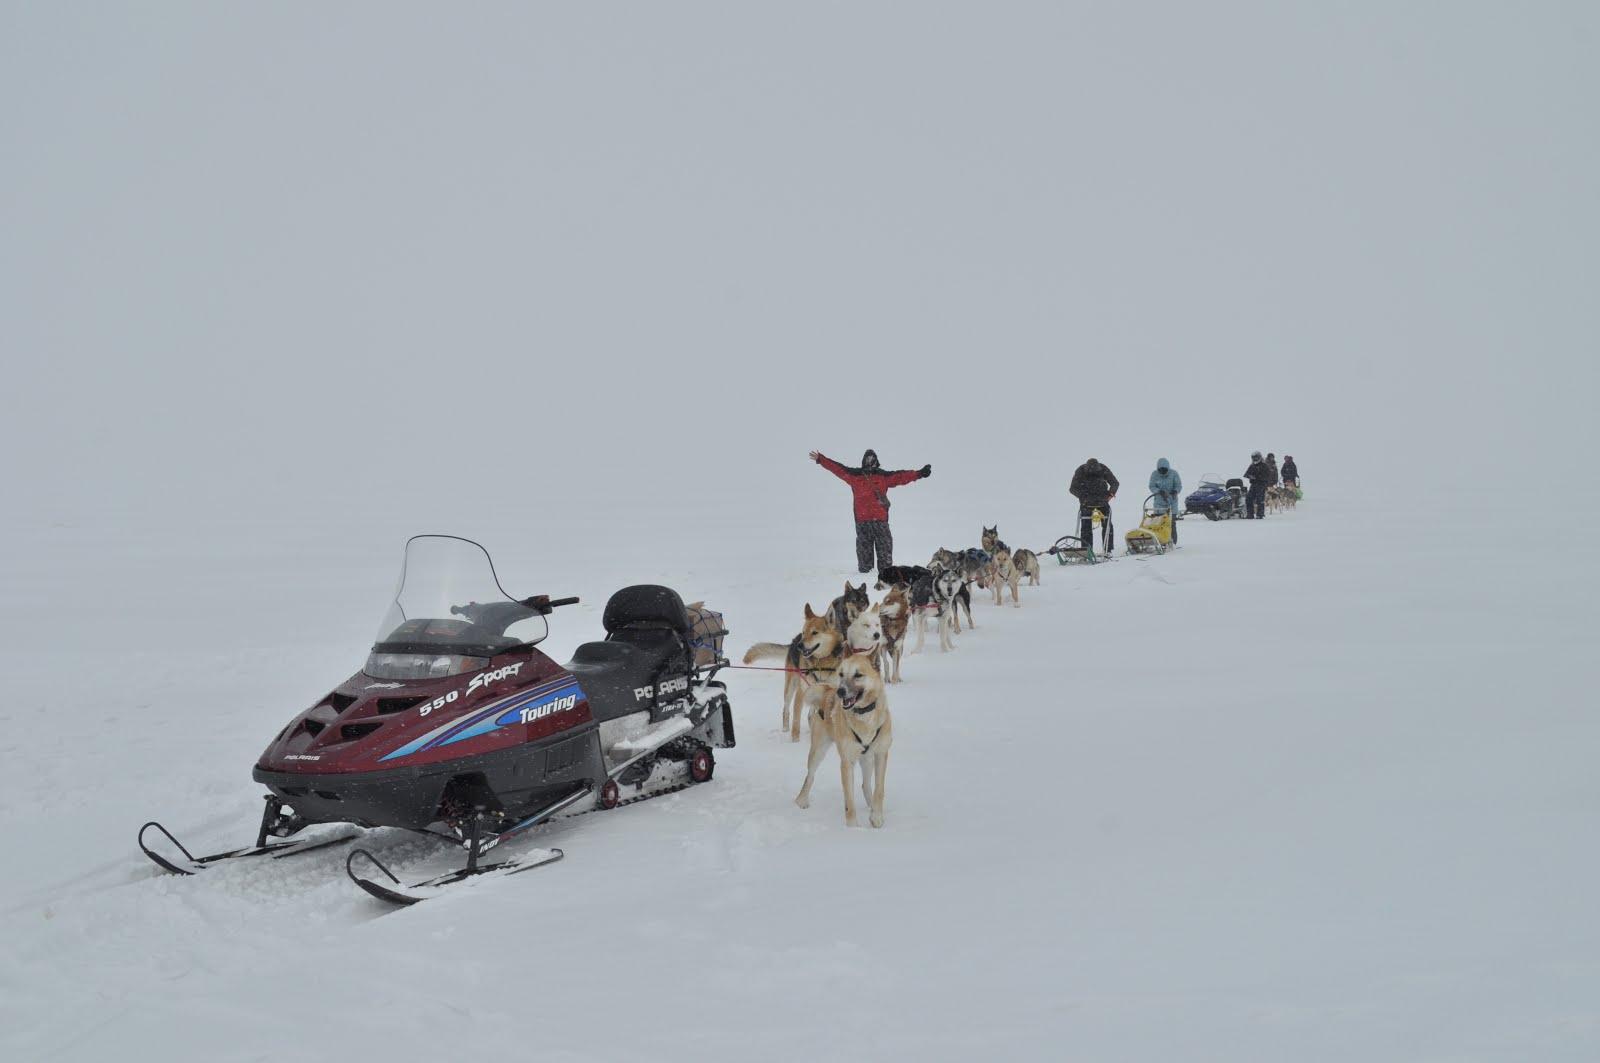 комбинированные путешествия упряжек со снегоходами